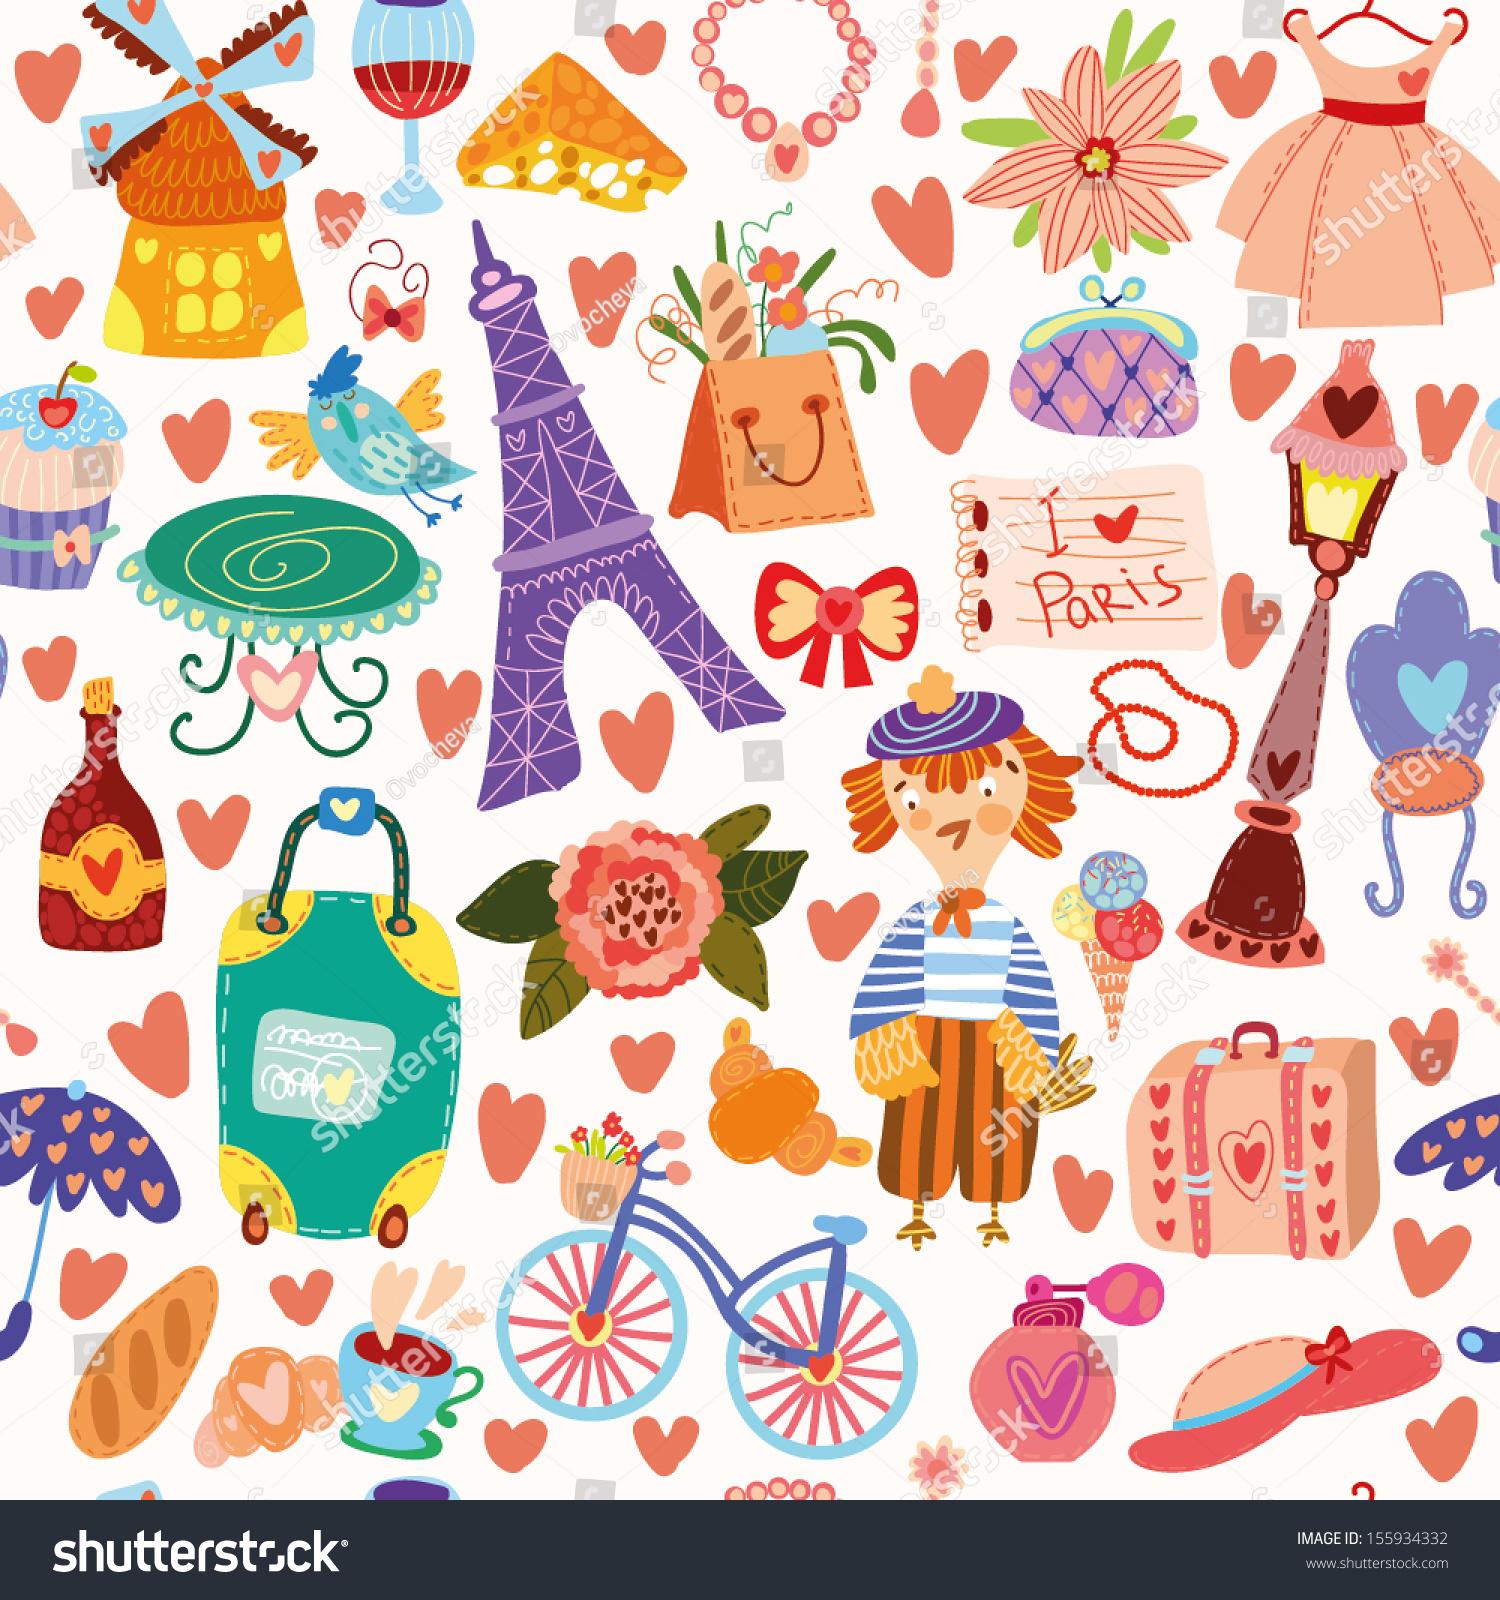 Gambar Wallpaper Paris Kartun Gudang Wallpaper